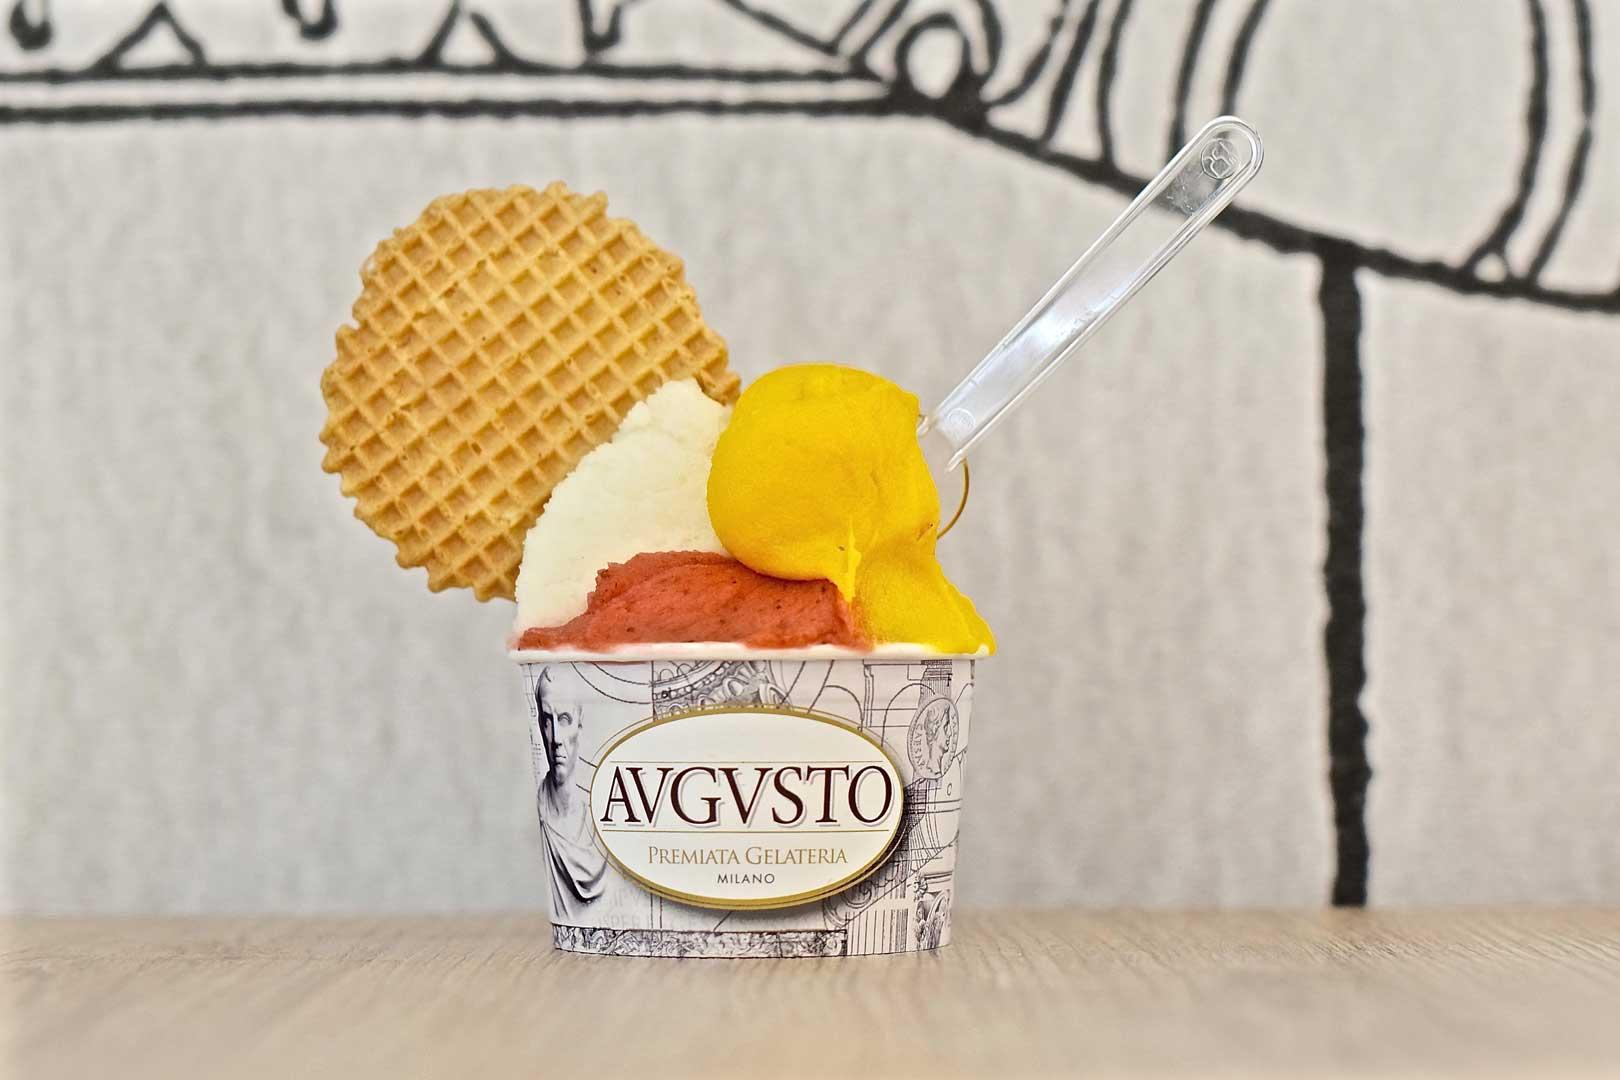 Premiata Gelateria Augusto - Gusti Frutta